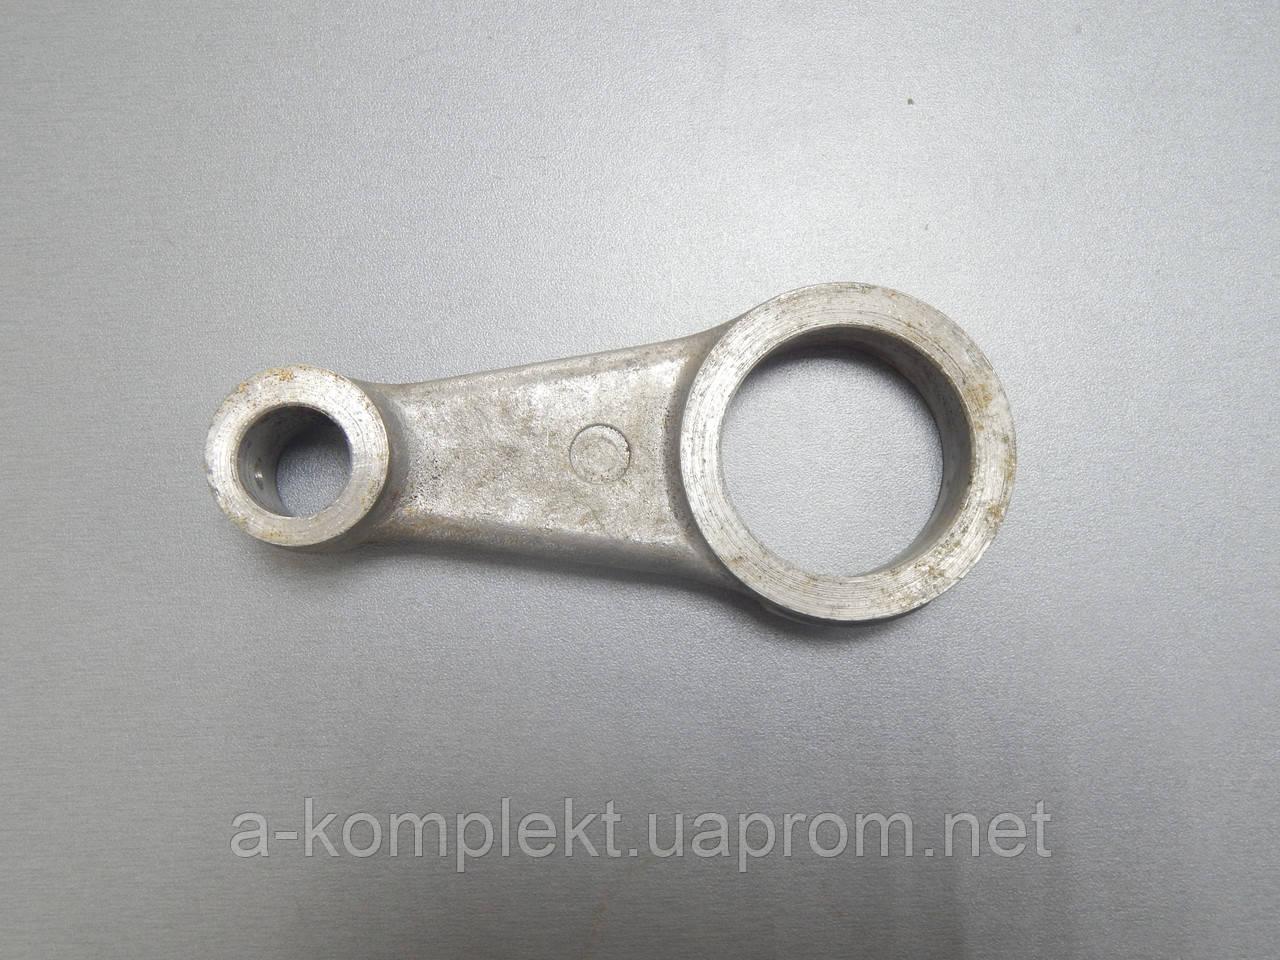 Шатун компрессора КАМАЗ Евро 1-цилиндровый.